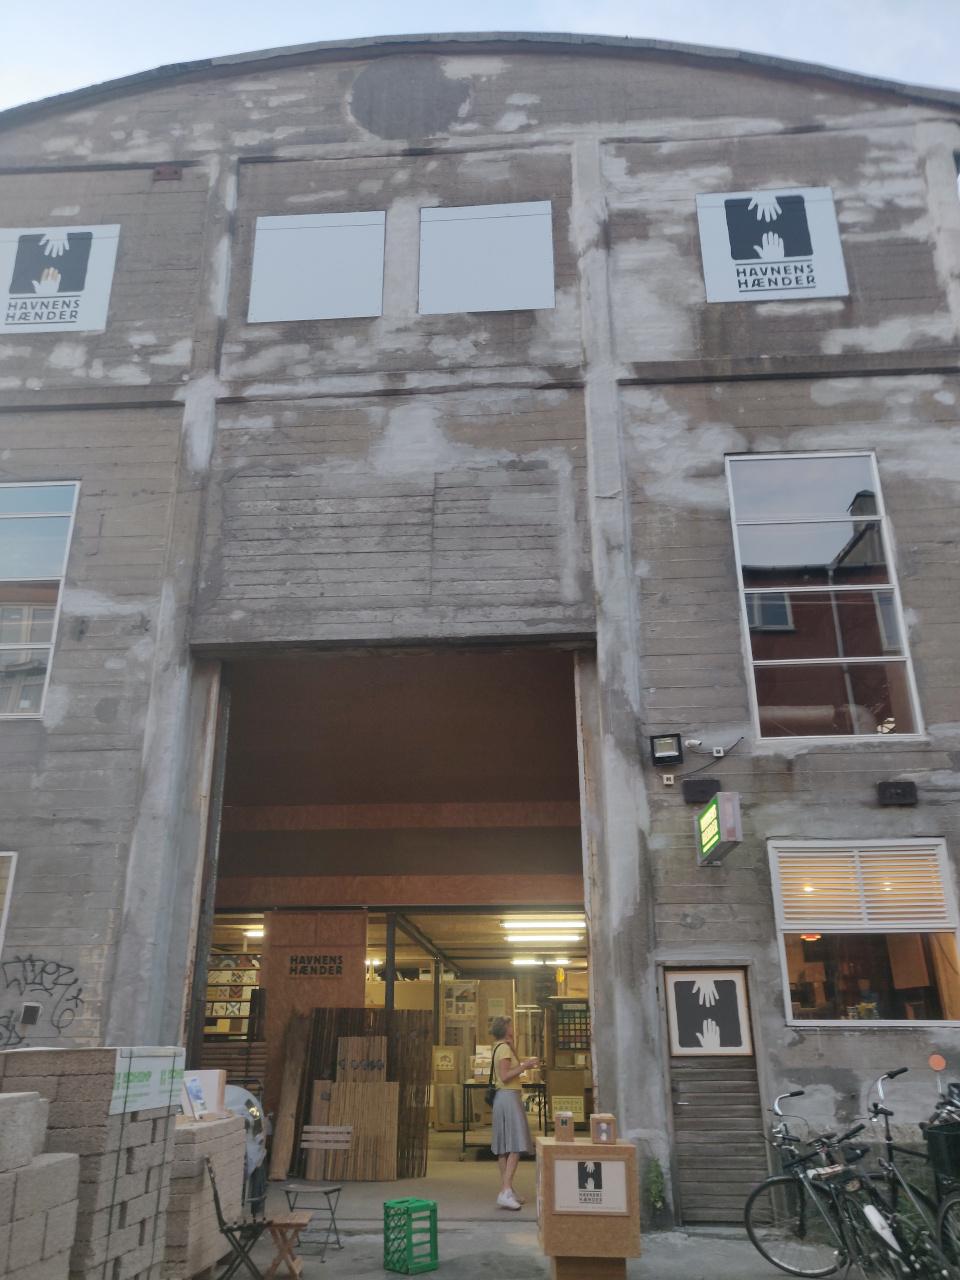 havnens-haender-1